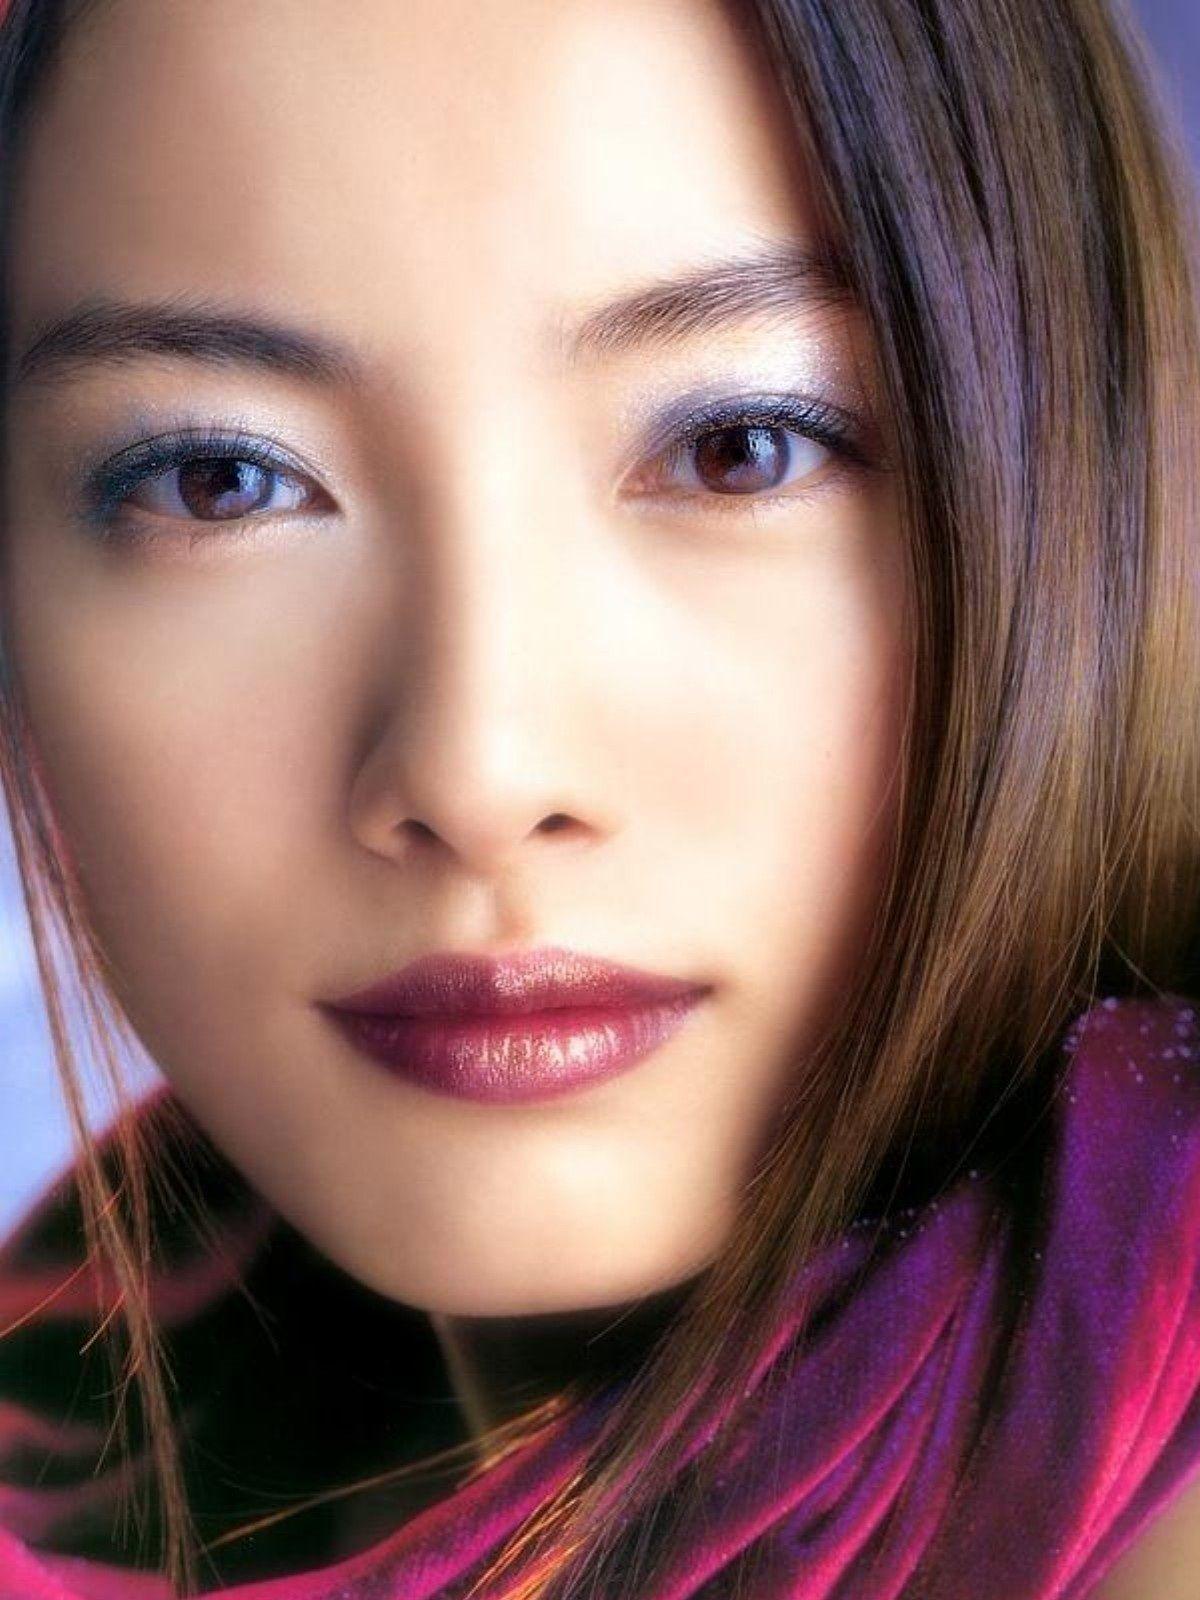 Yukie Nakama Yukie Nakama new pictures